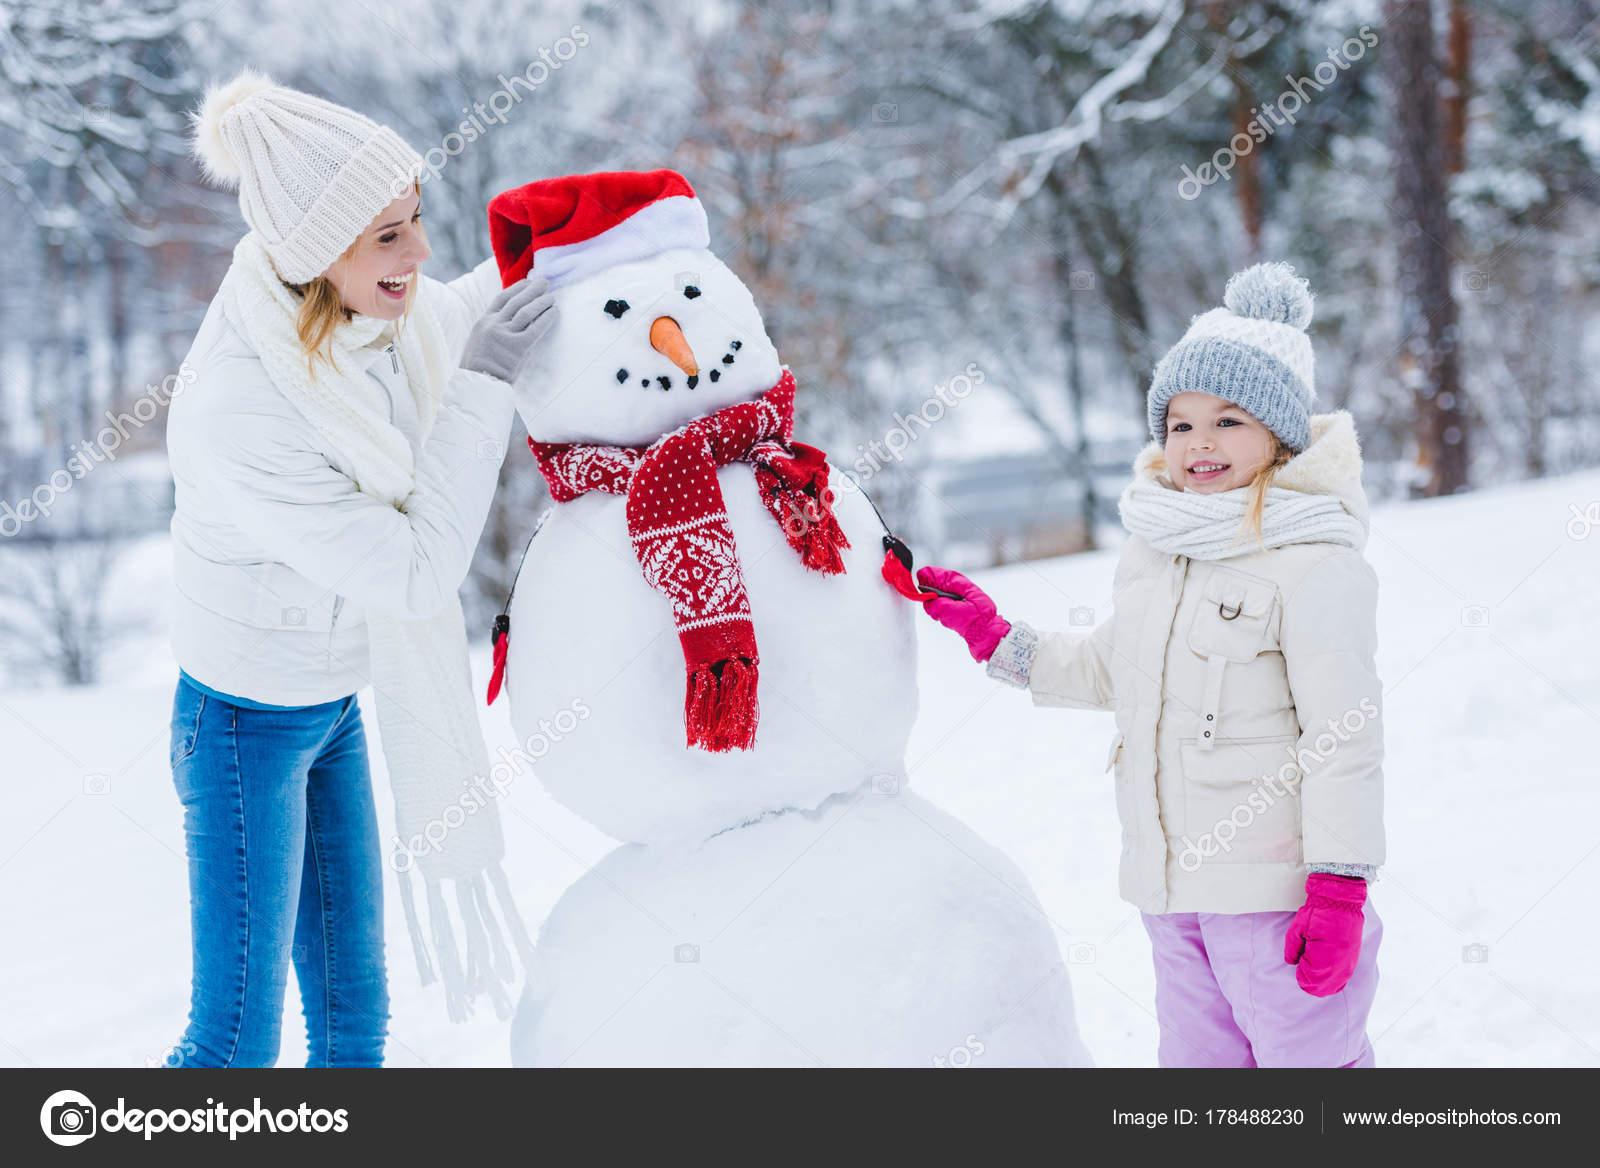 Fotos De Haciendo Un Muñeco De Nieve Imágenes De Haciendo Un Muñeco De Nieve Descargar Depositphotos